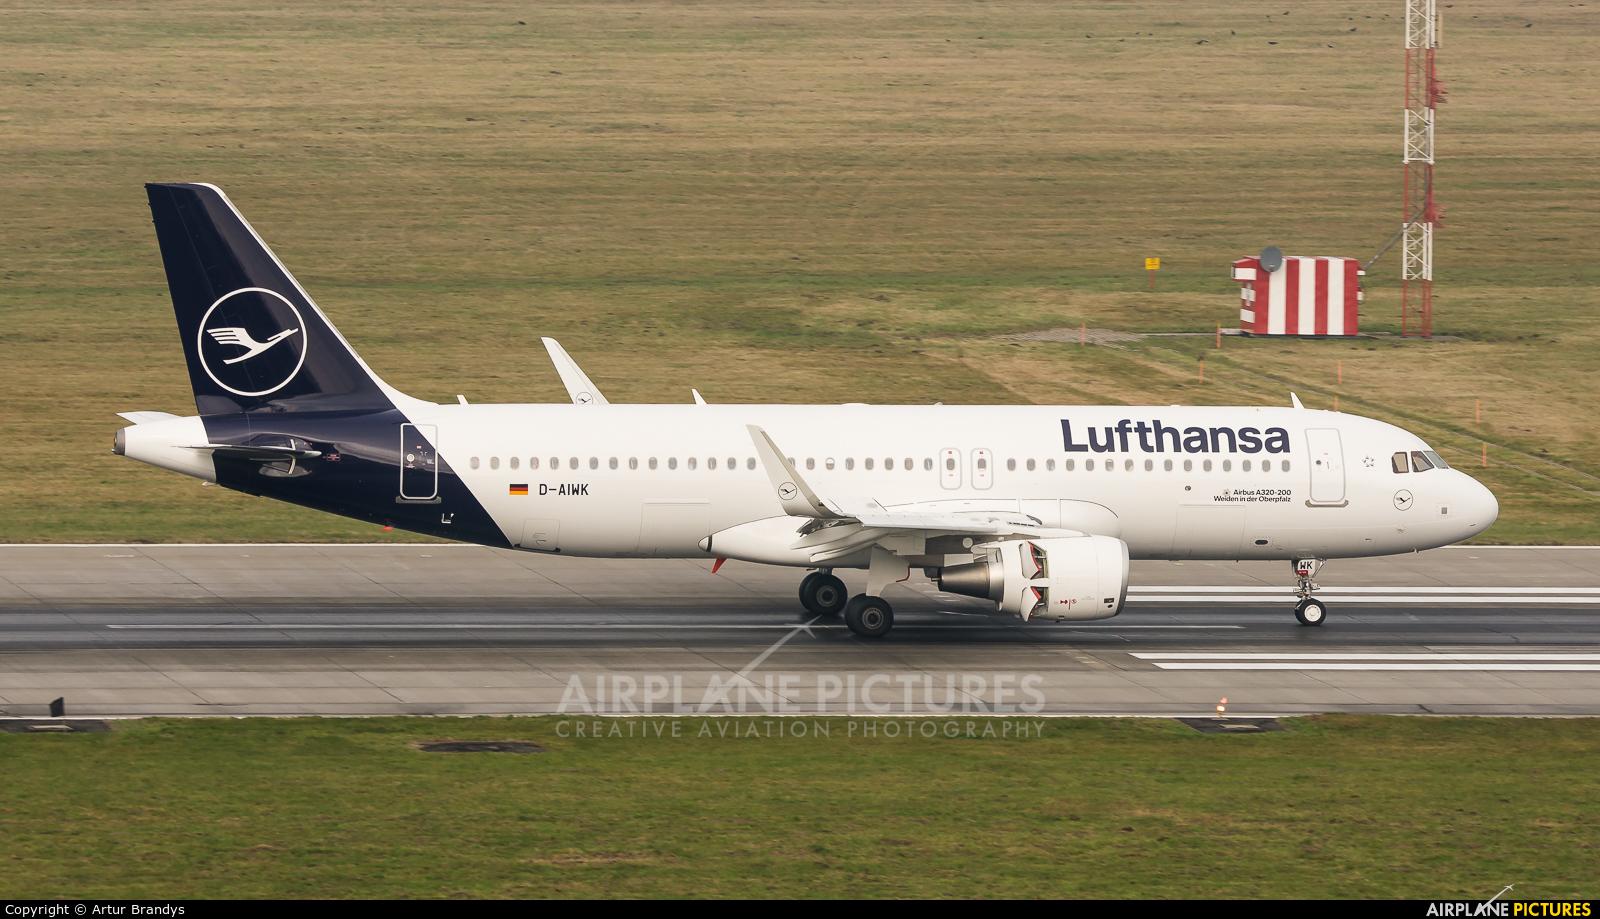 Lufthansa D-AIWK aircraft at Kraków - John Paul II Intl